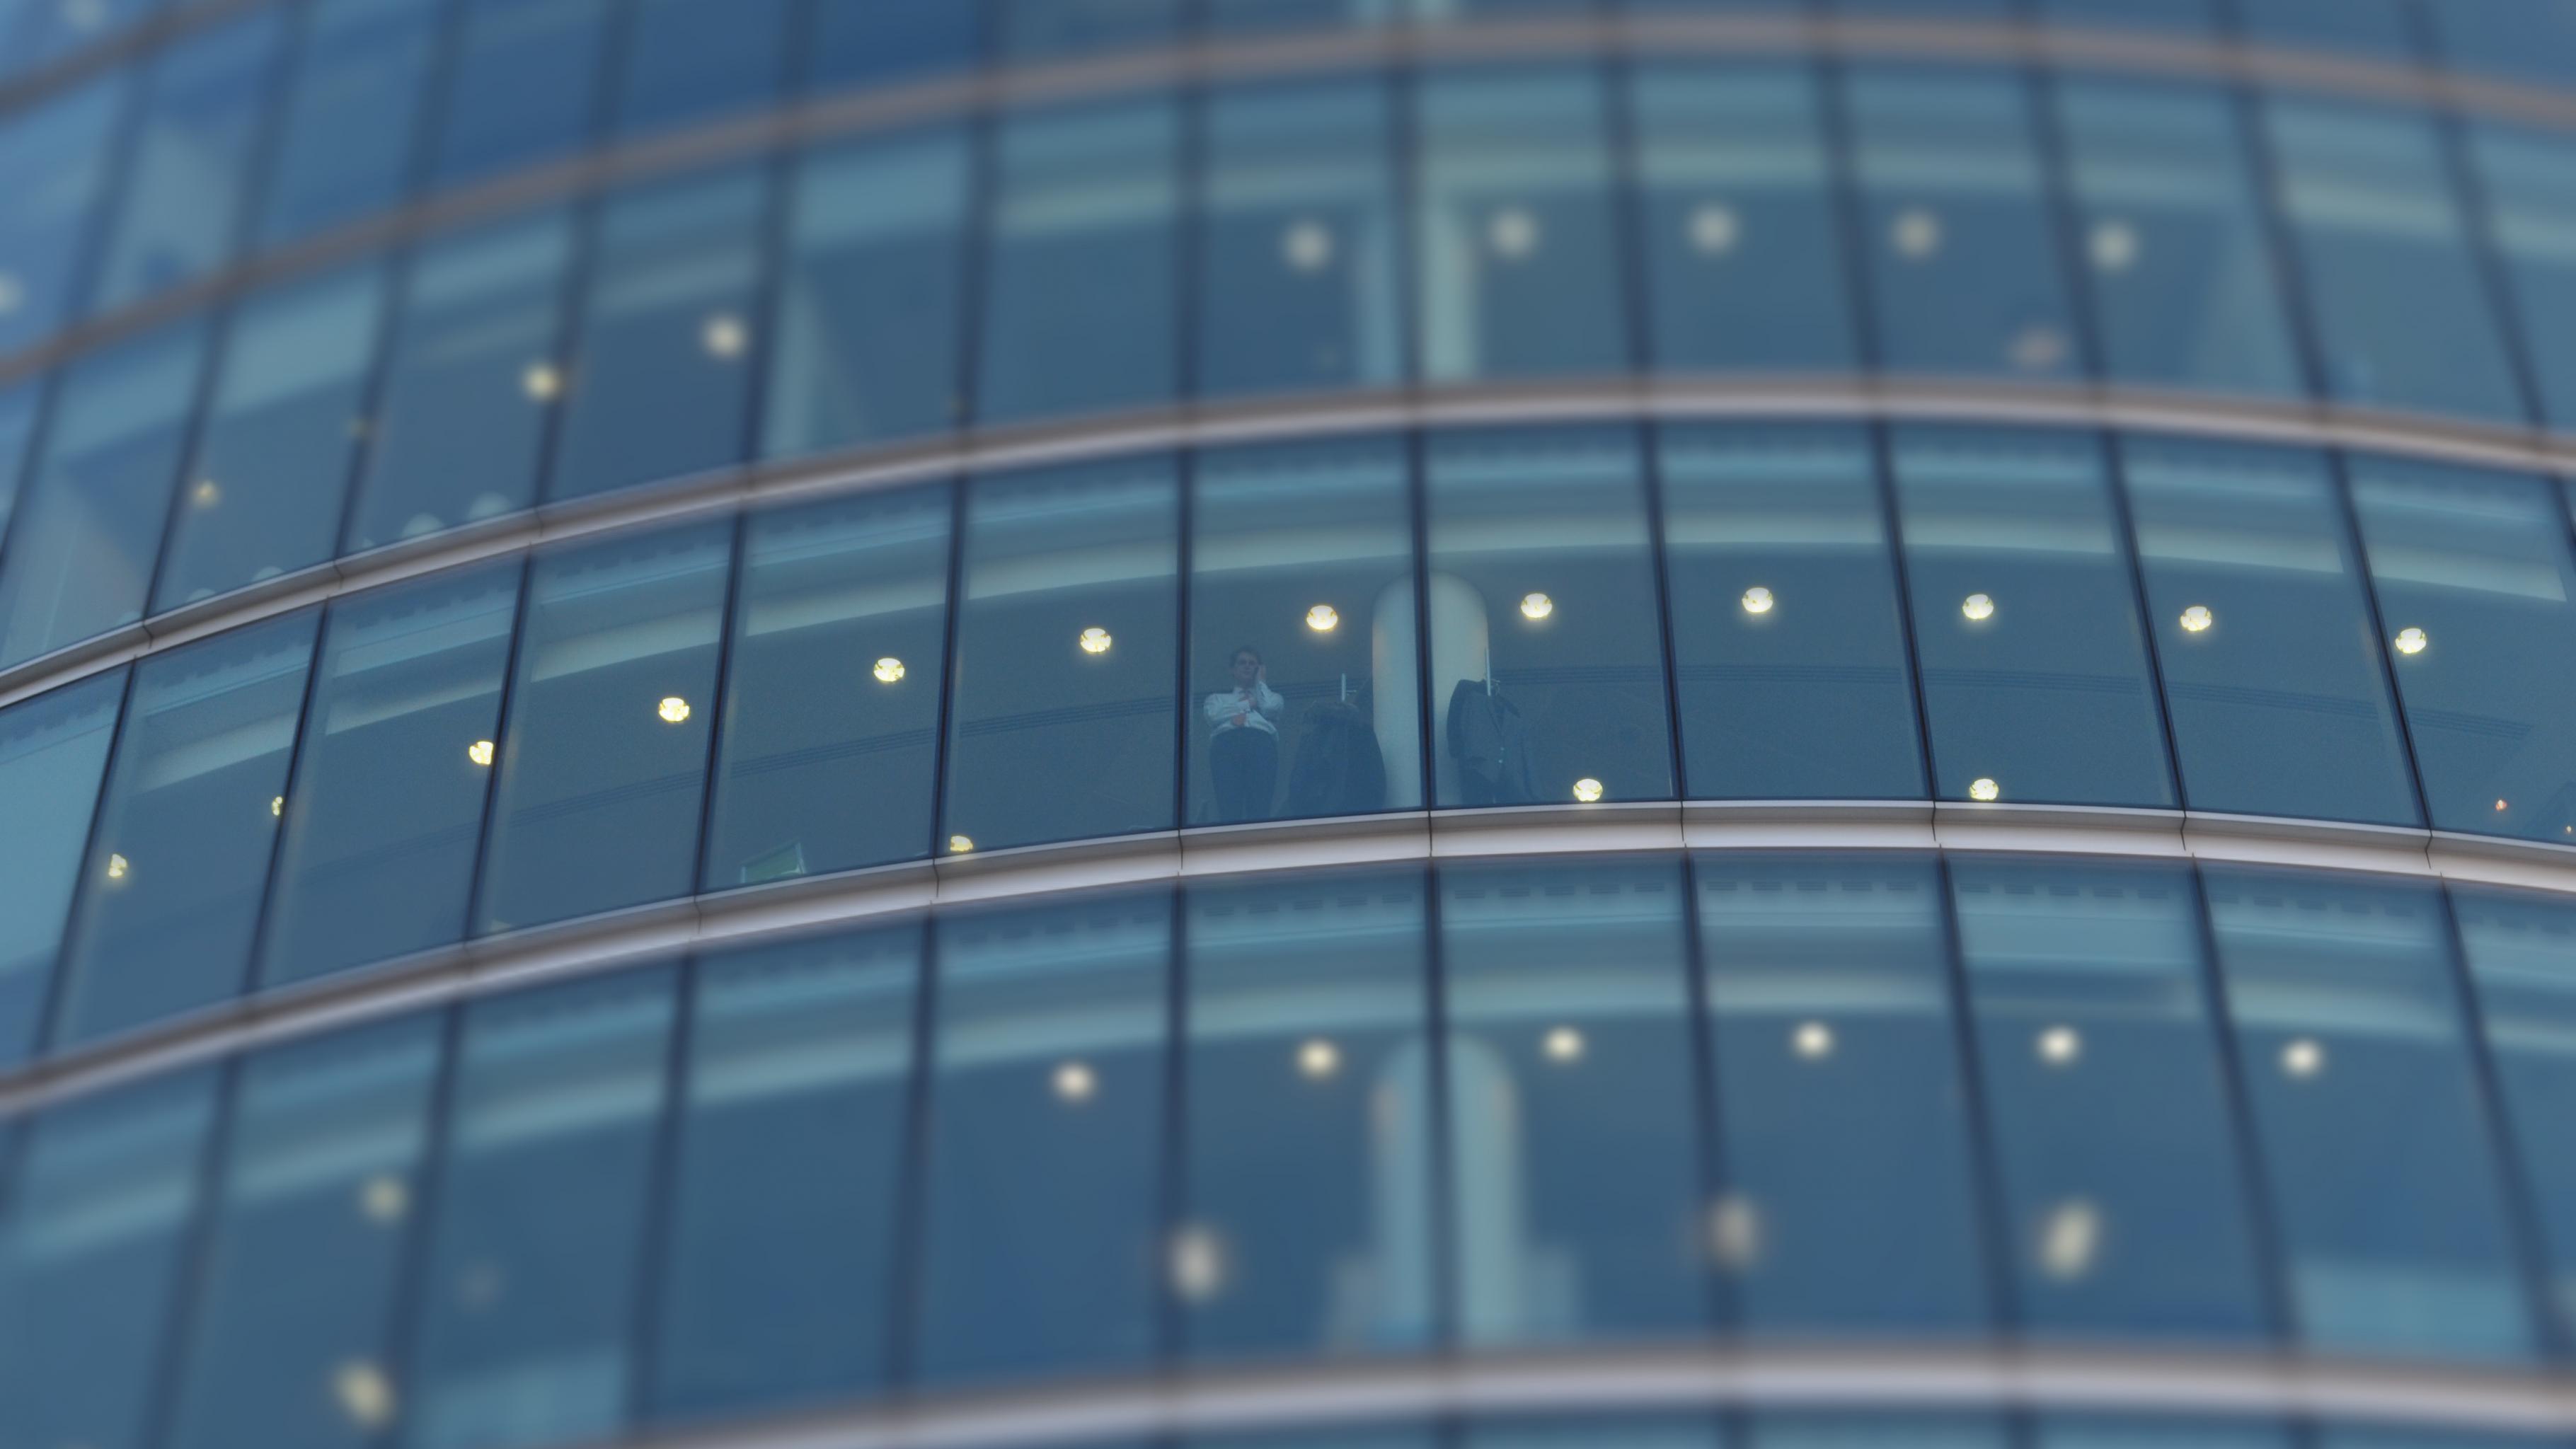 Fensterfront eines Bürogebäudes